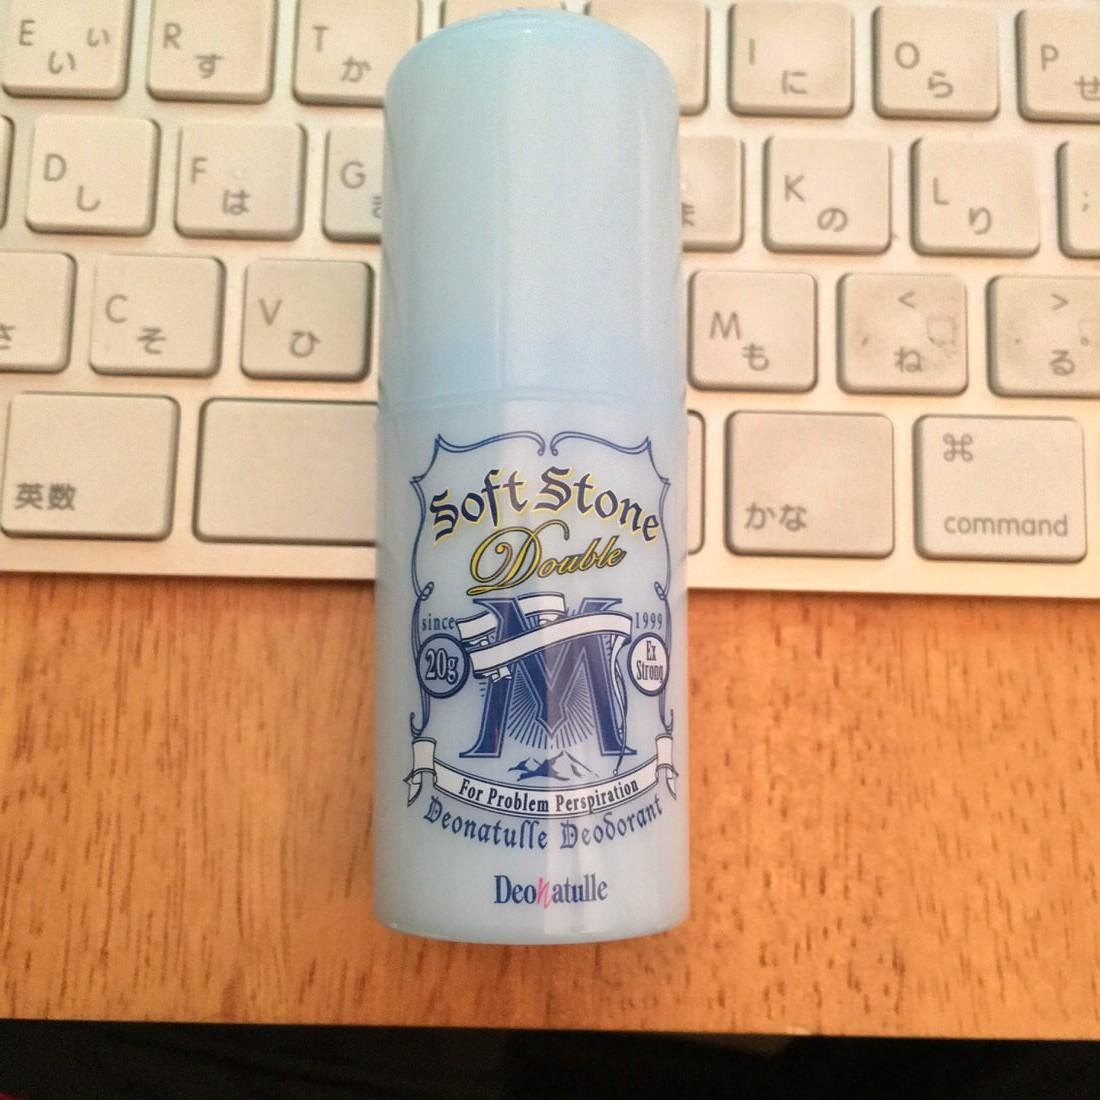 メンズの脇の臭い、汗予防は『デオナチュレ 男ソフトストーンW』で決まり